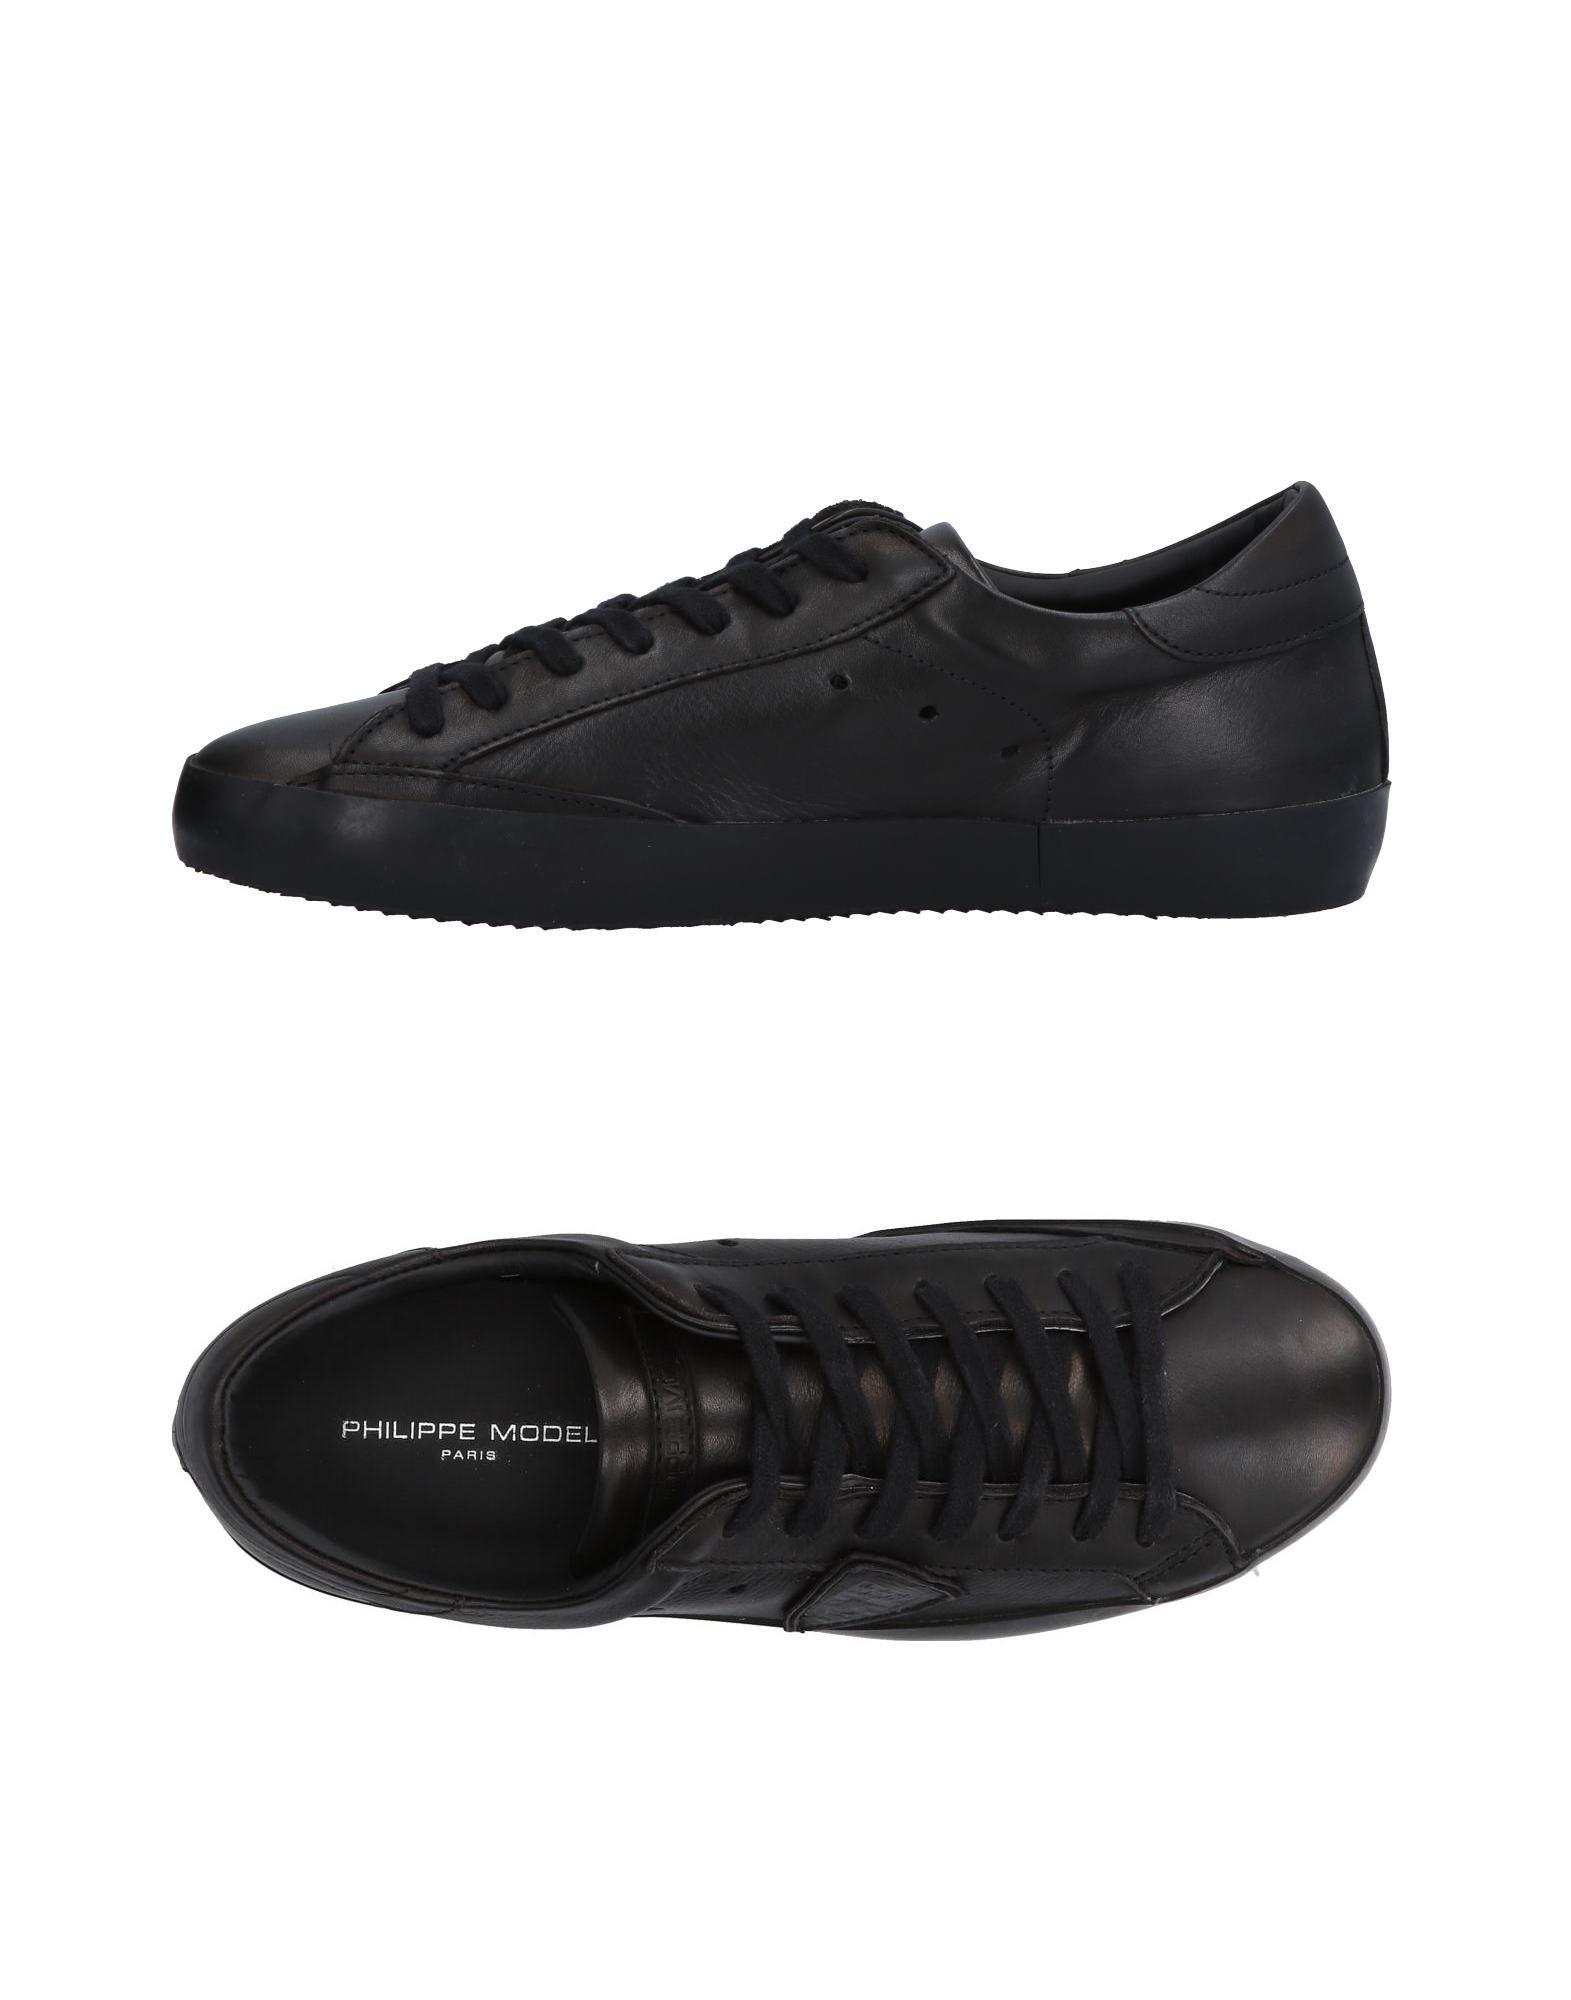 Philippe Model Sneakers Herren beliebte  11483004GO Gute Qualität beliebte Herren Schuhe 9fc736